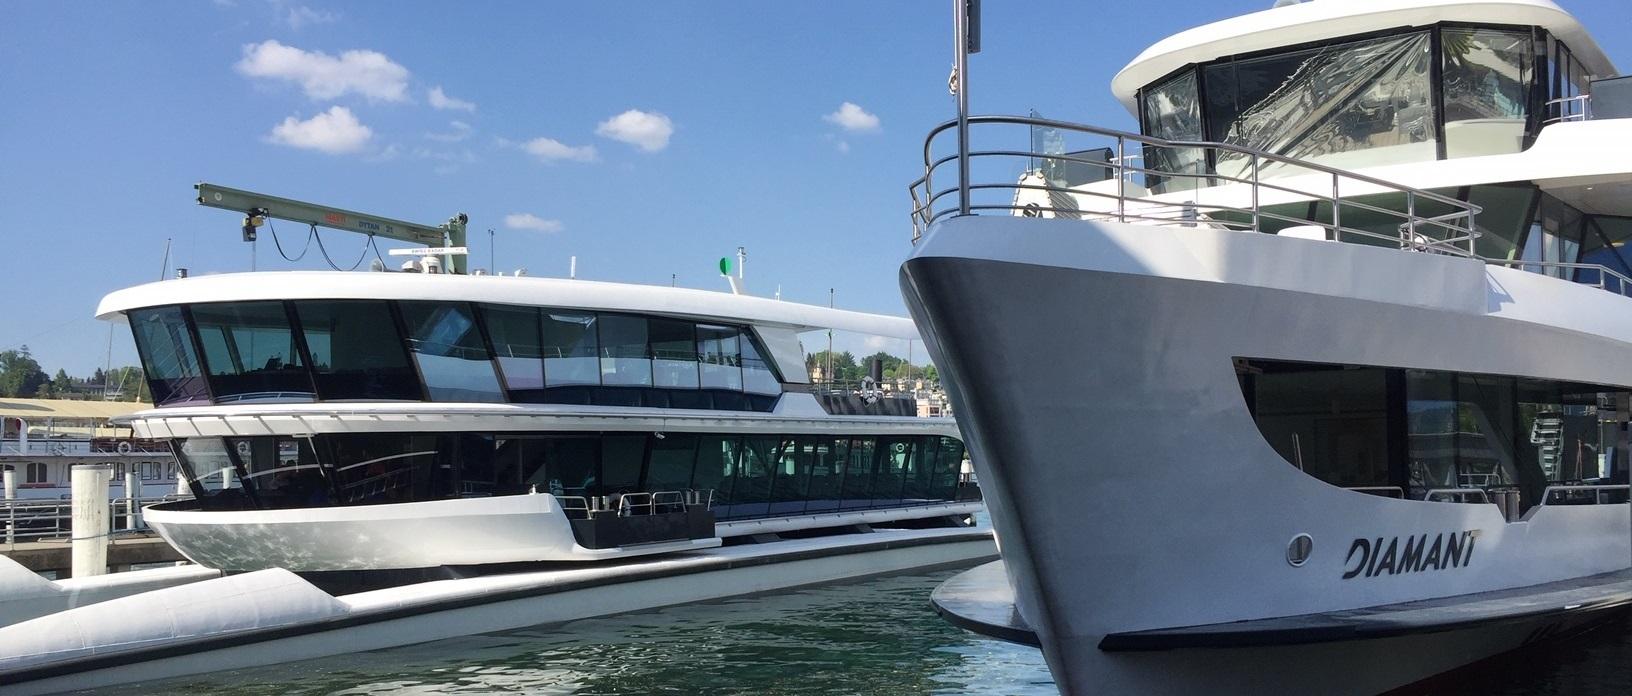 Schiffsverglasungen - MS Diamant und MS Bürgenstock